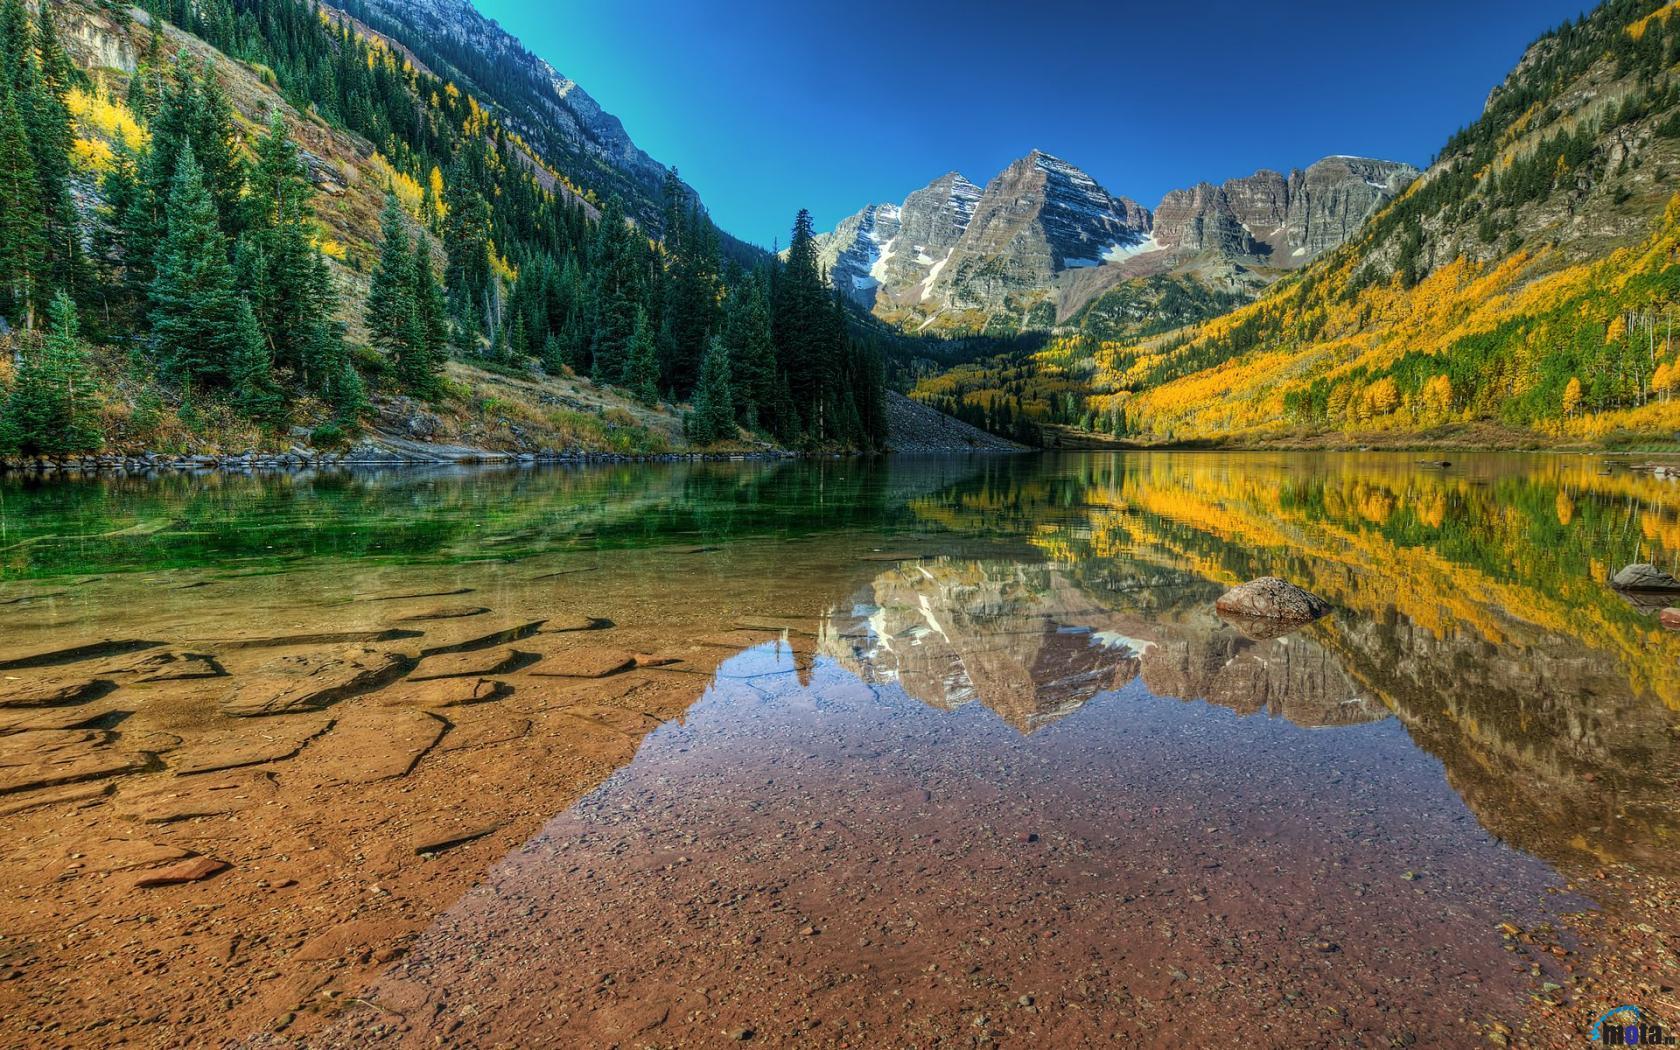 Colorado desktop wallpaper wallpapersafari - Colorado desktop background ...